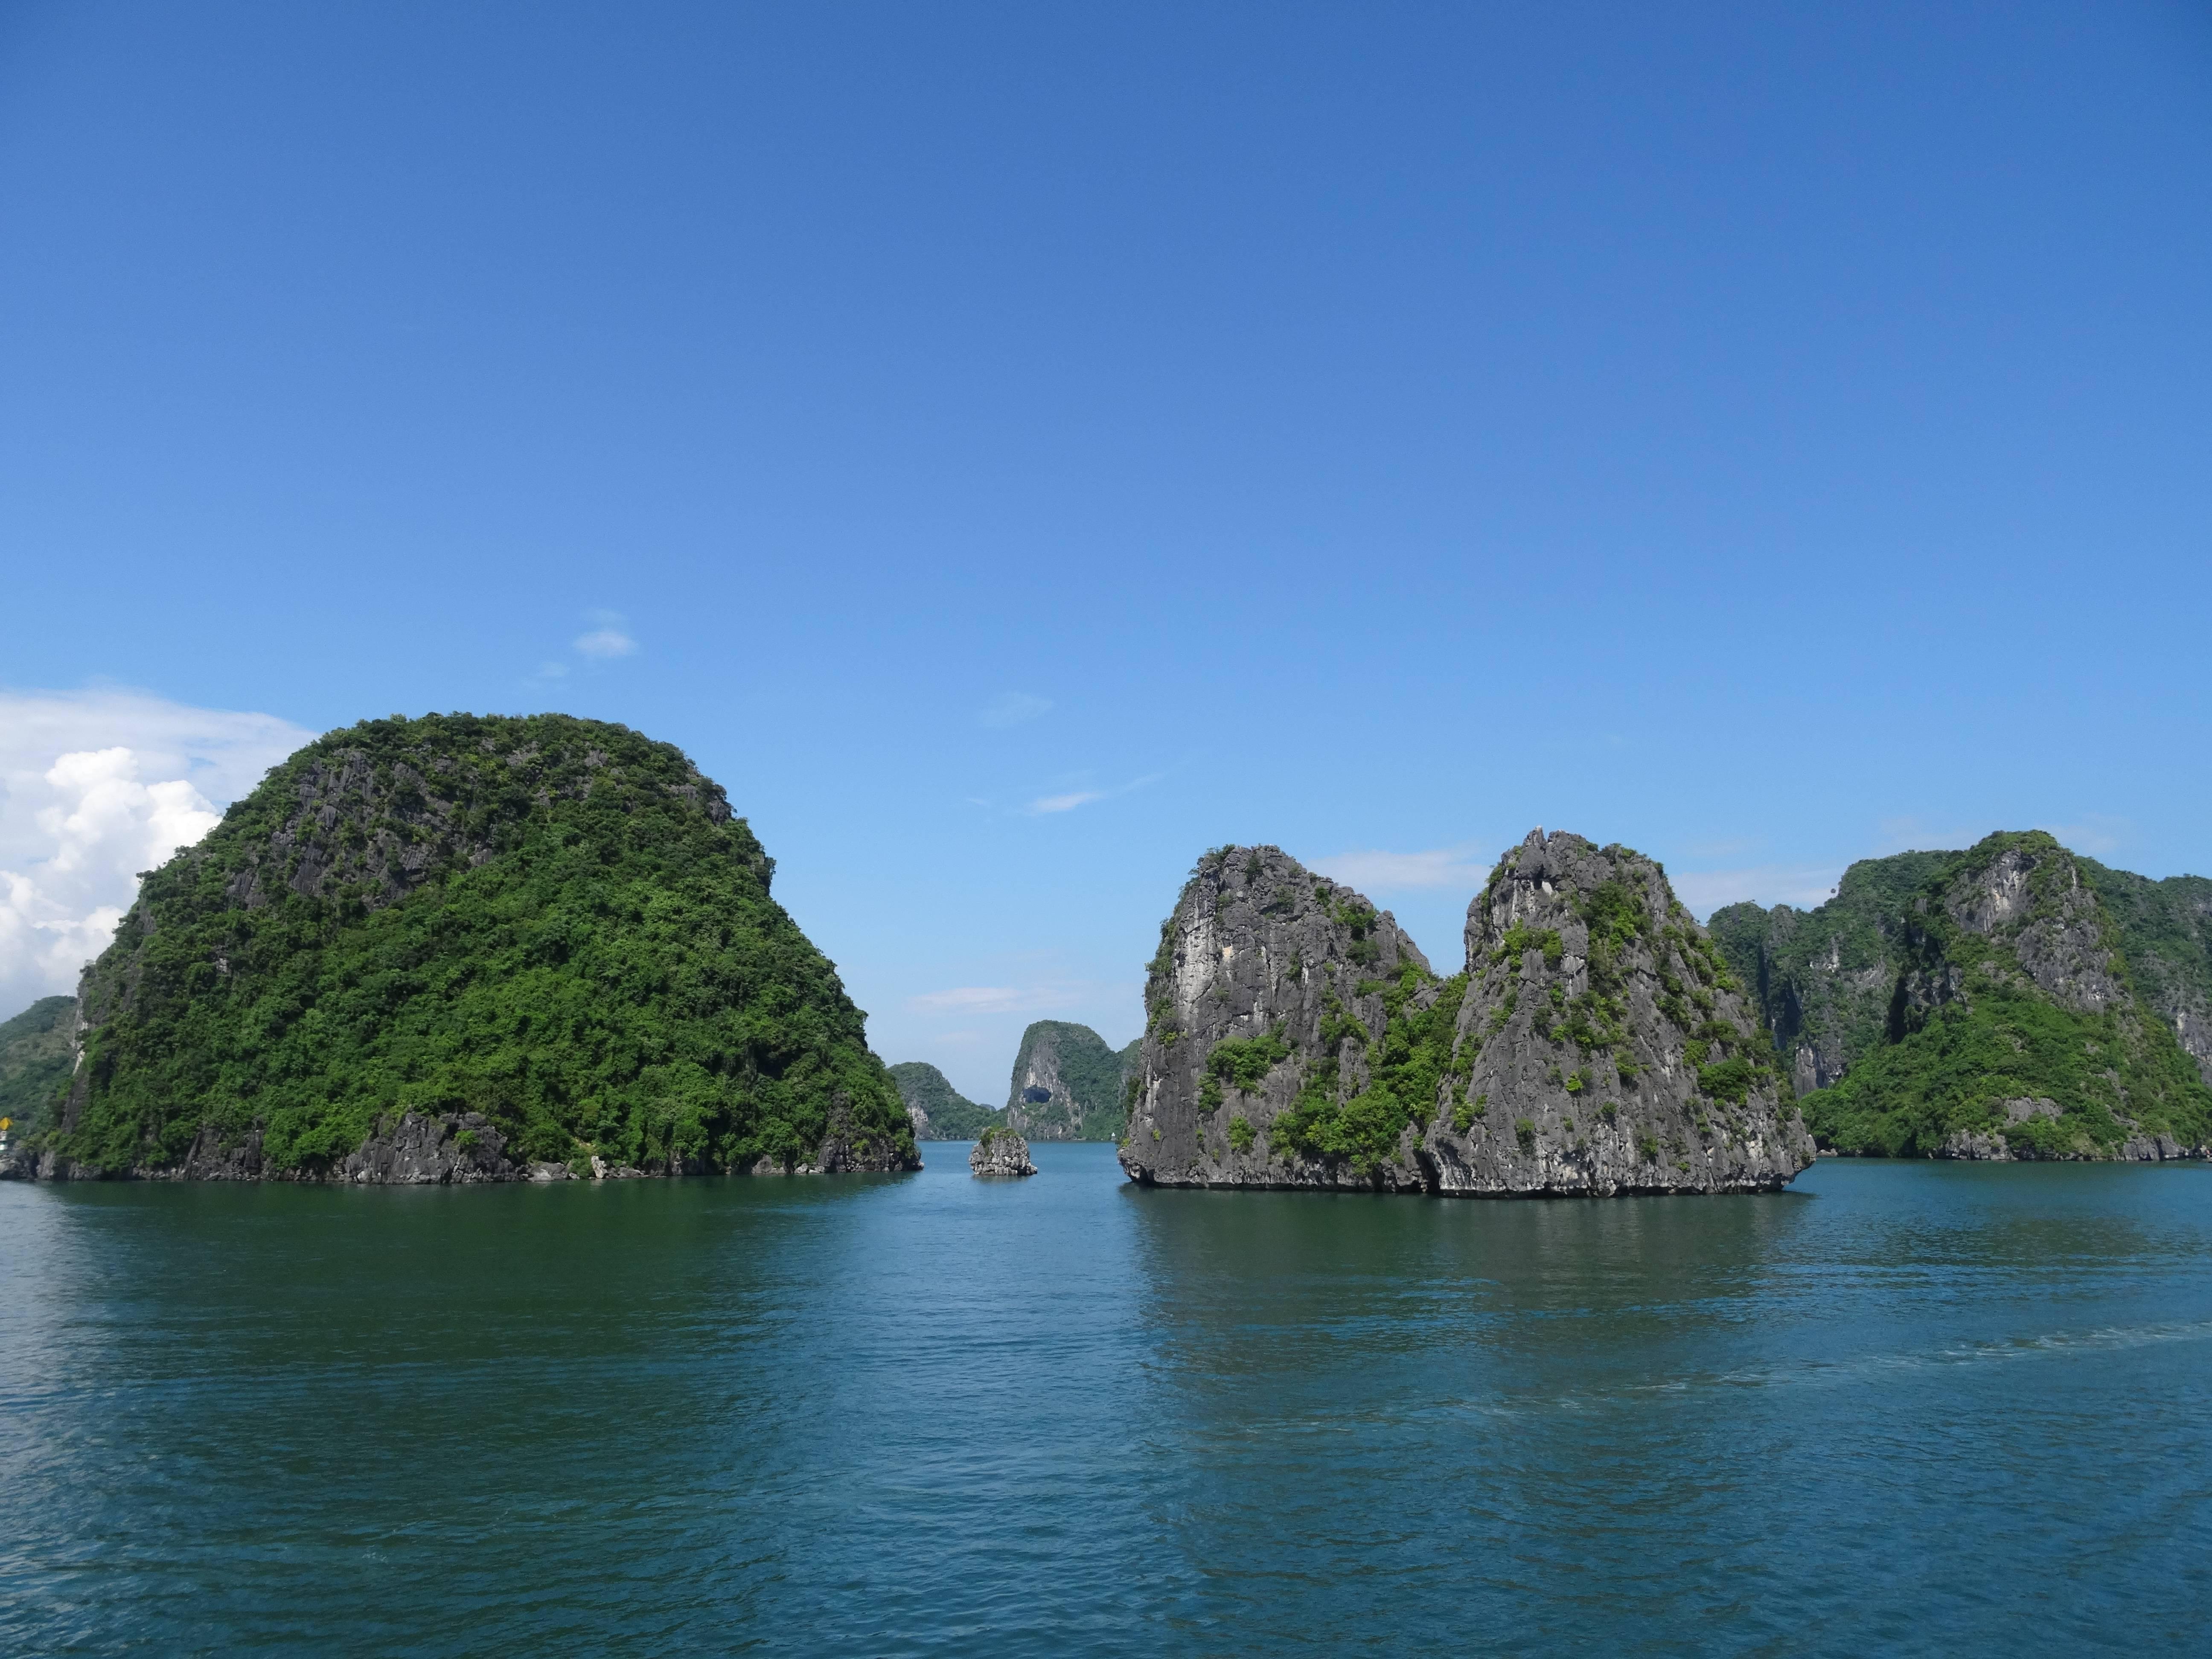 Photo 1: Vietnam....Baie d'Along, un coup de coeur...et sous un ciel bleu....